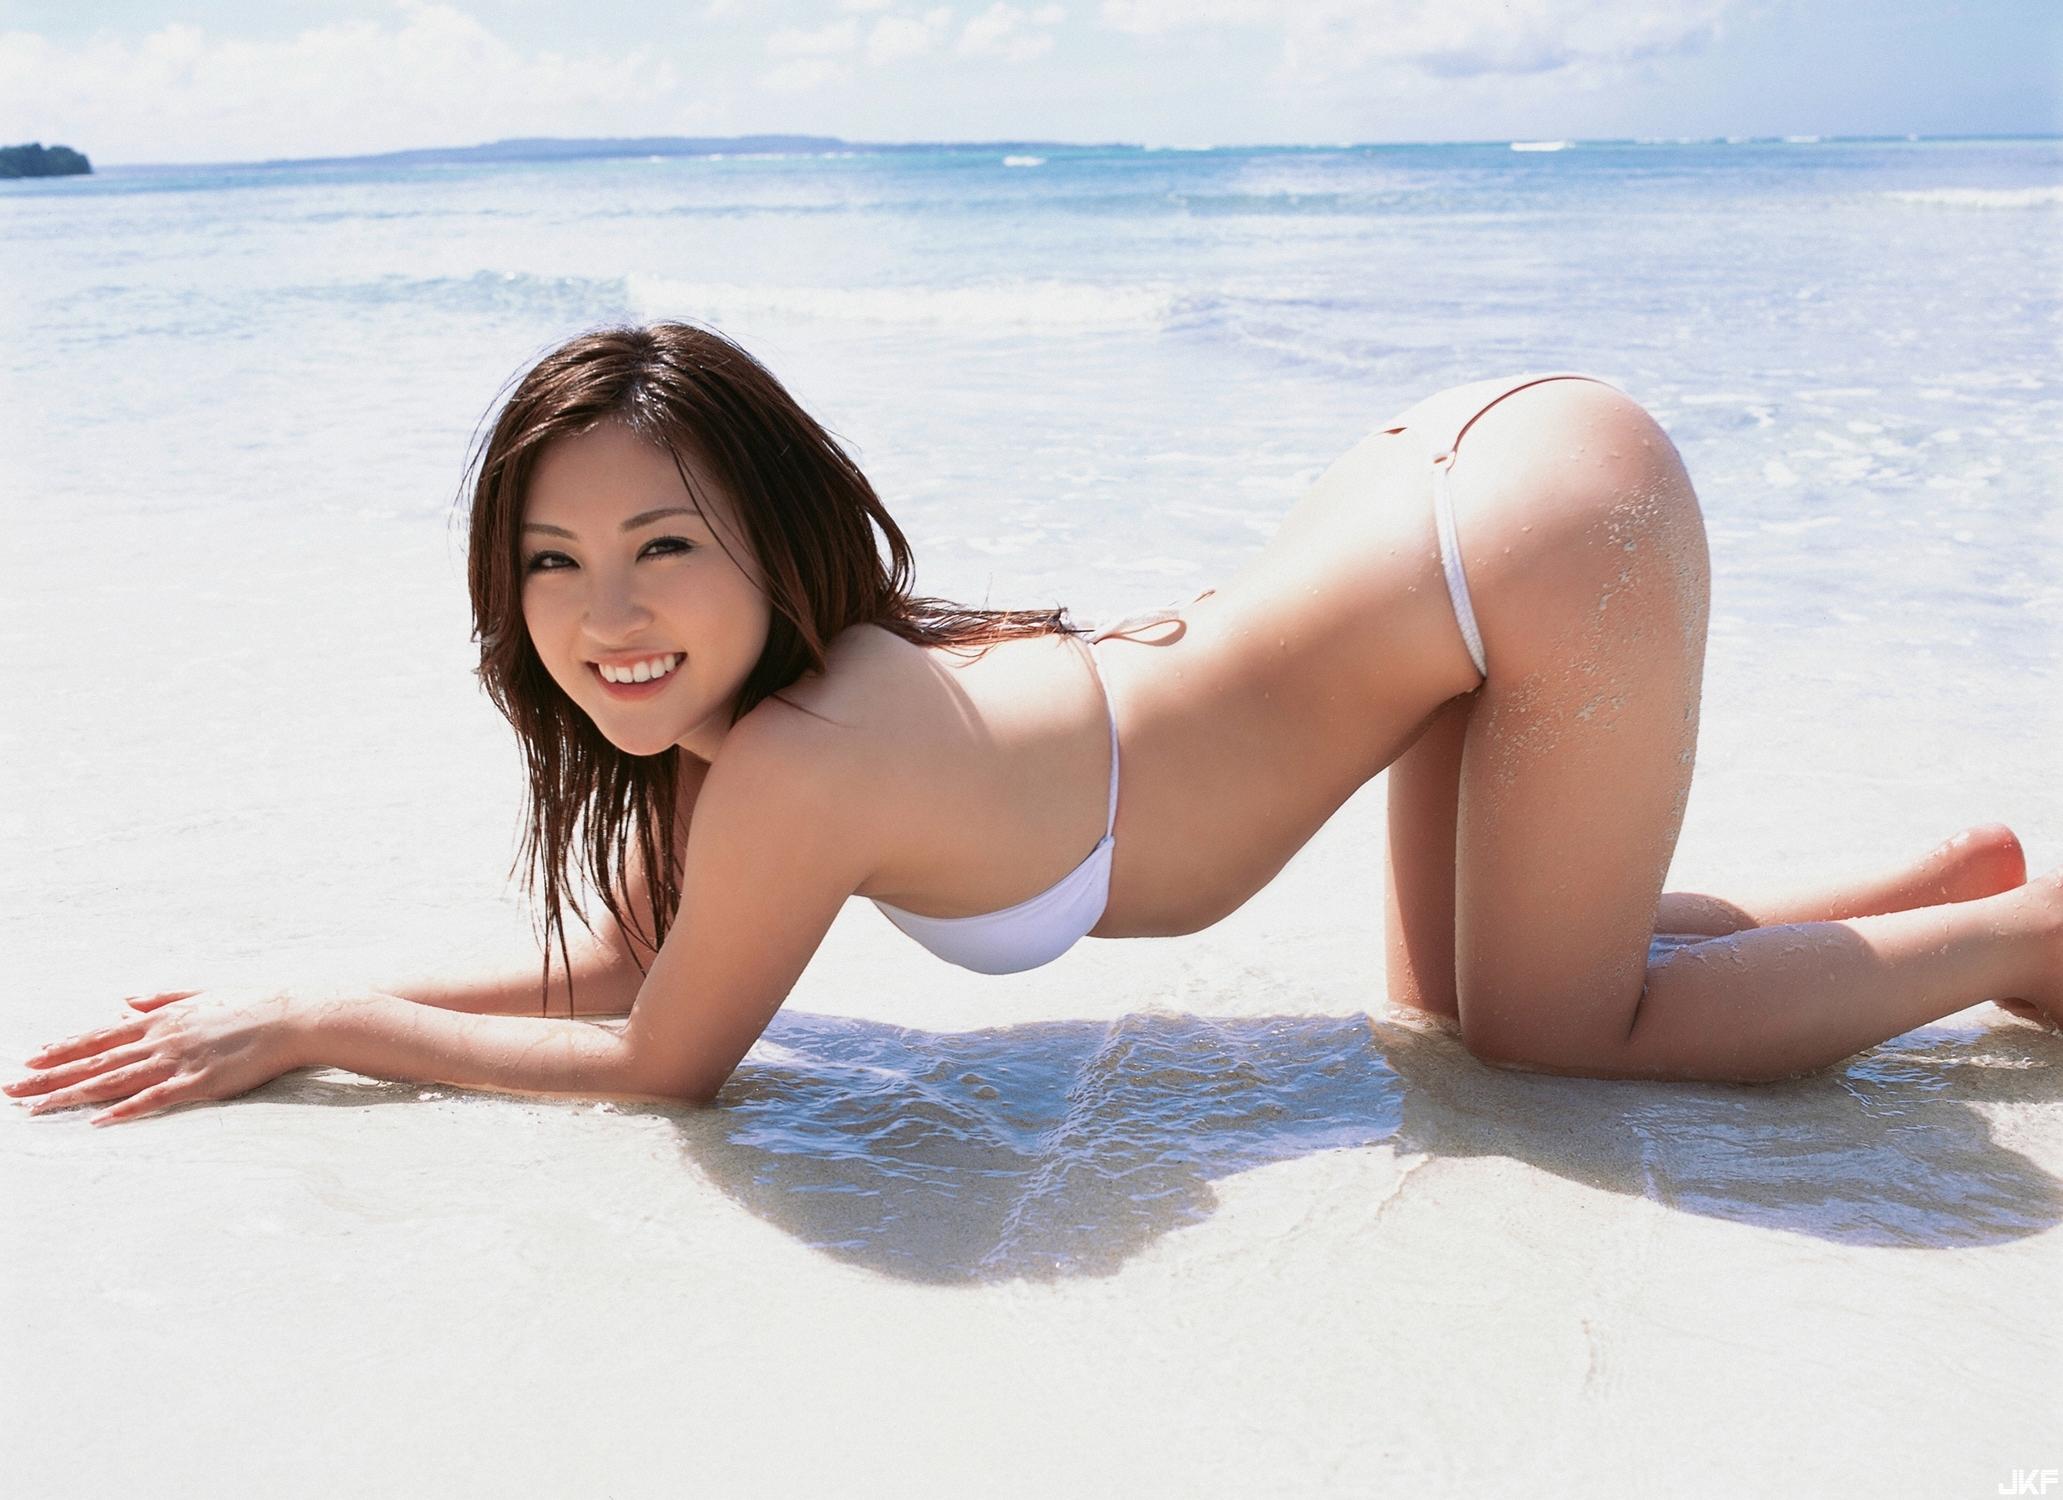 tatsumi-natsuko-480810.jpg